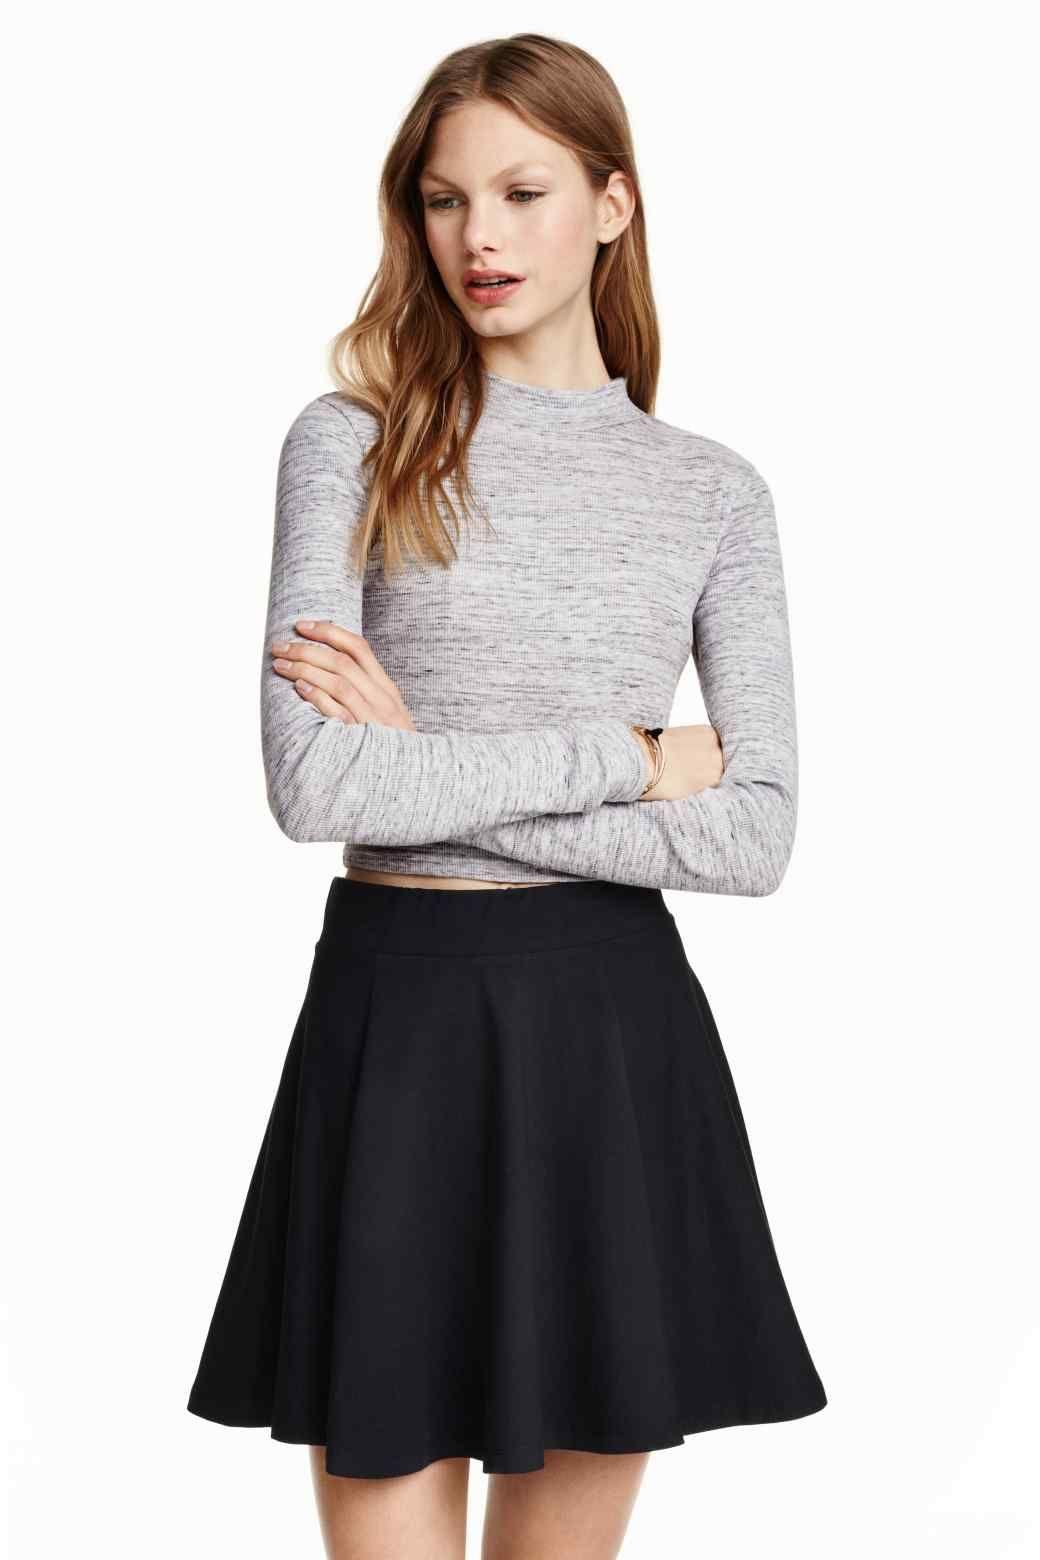 Kloszowa spódniczka | Spódnica z koła, Spódnica, Ubrania